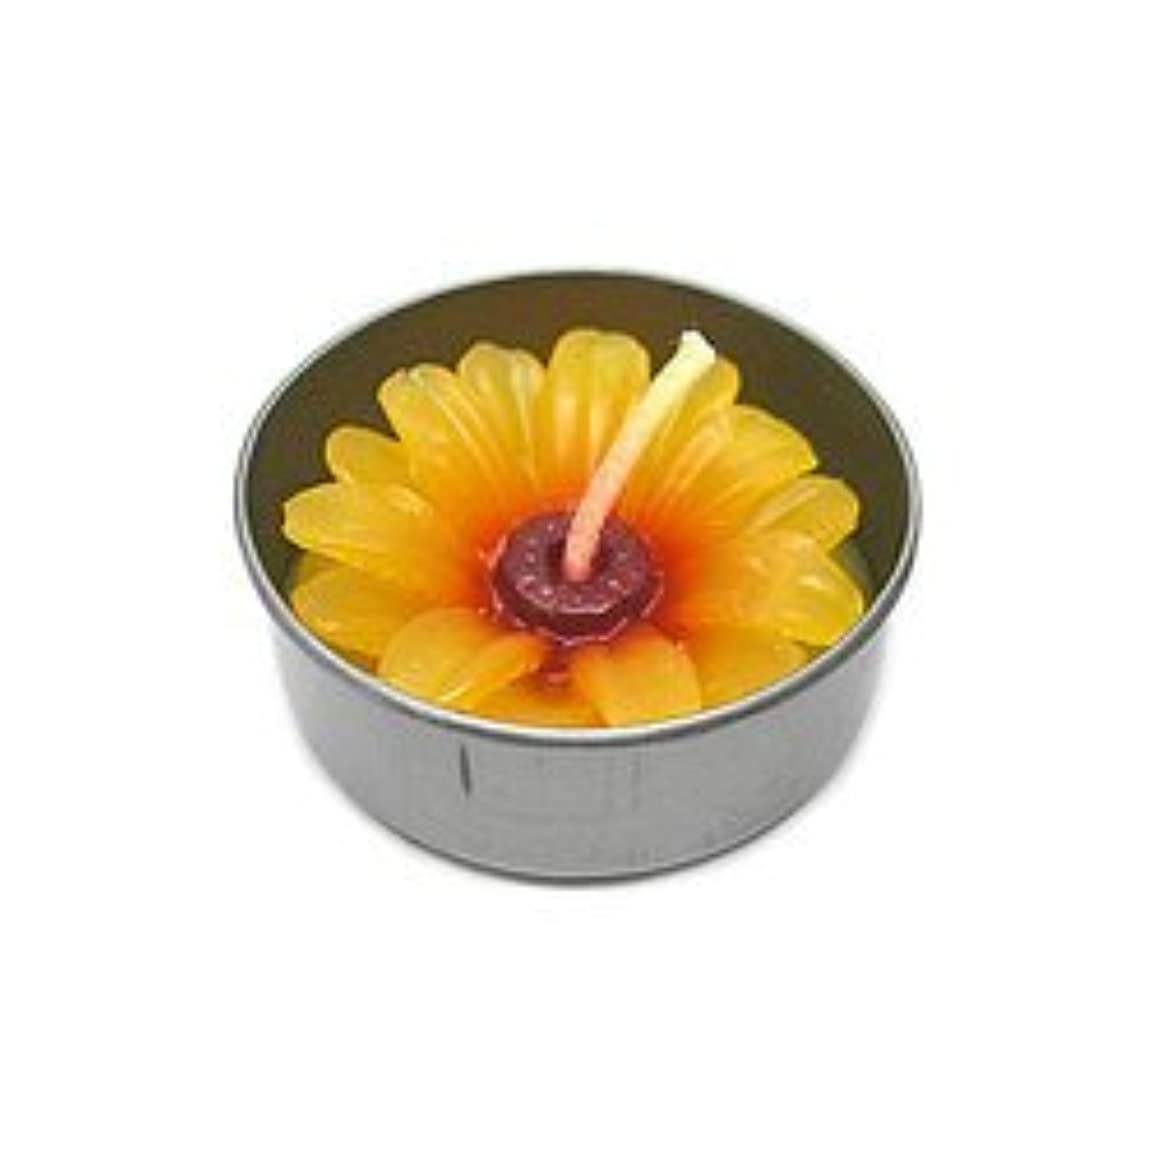 タービン薄いです主導権アロマキャンドル  ミニ お花 薄オレンジ 鉄の器入り 器直径4cm アジアン雑貨